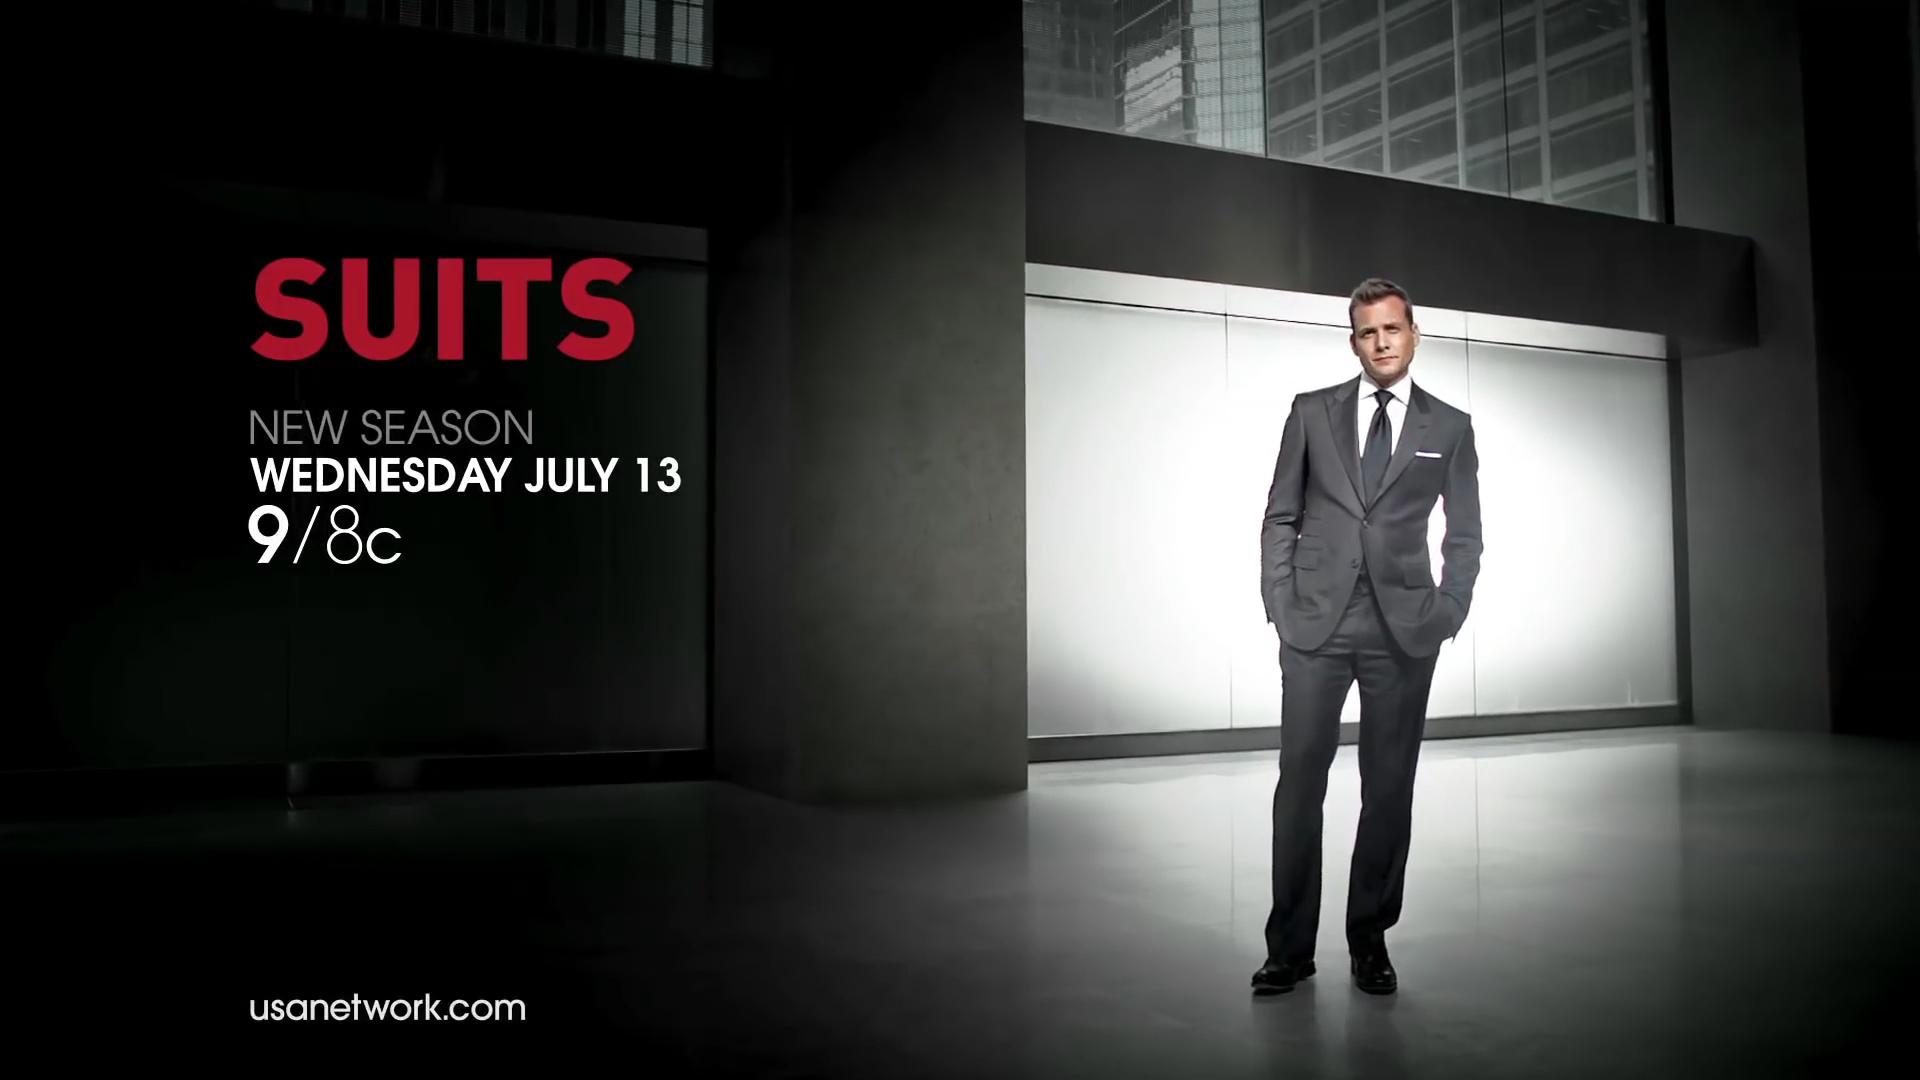 Suits S6